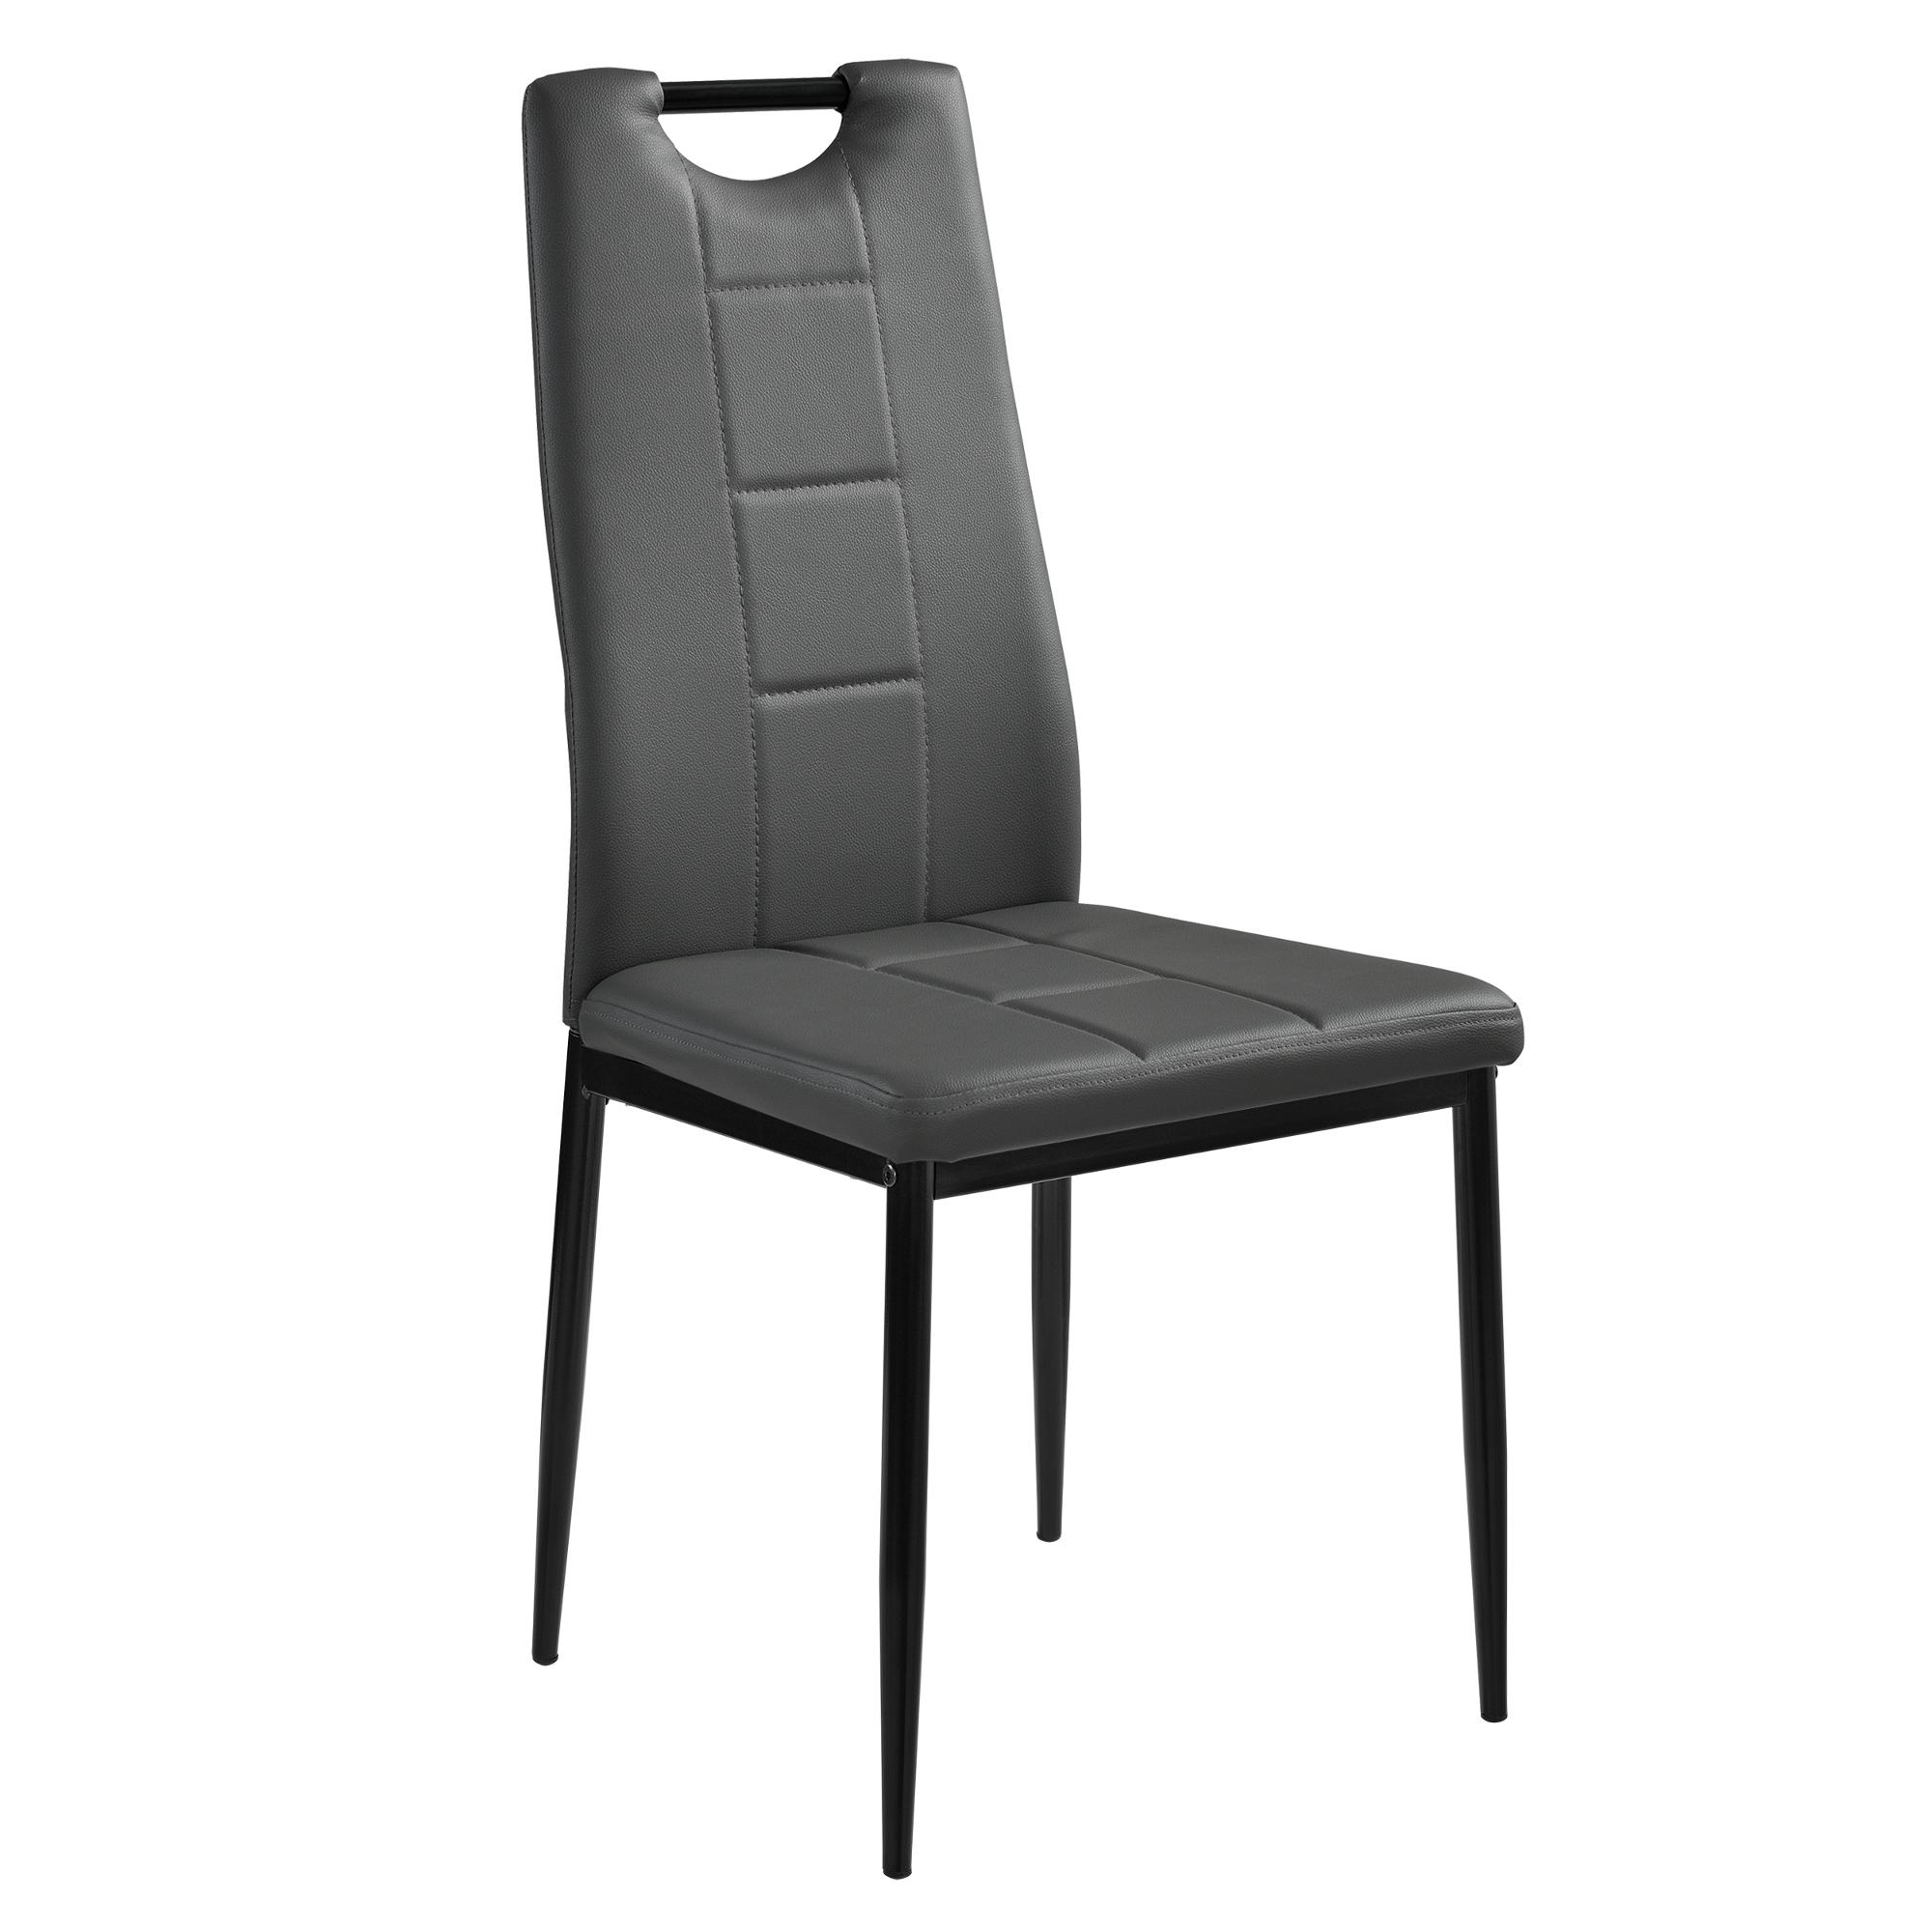 2x st hle grau hochlehner esszimmer kunstleder polsterstuhl mit griff ebay. Black Bedroom Furniture Sets. Home Design Ideas